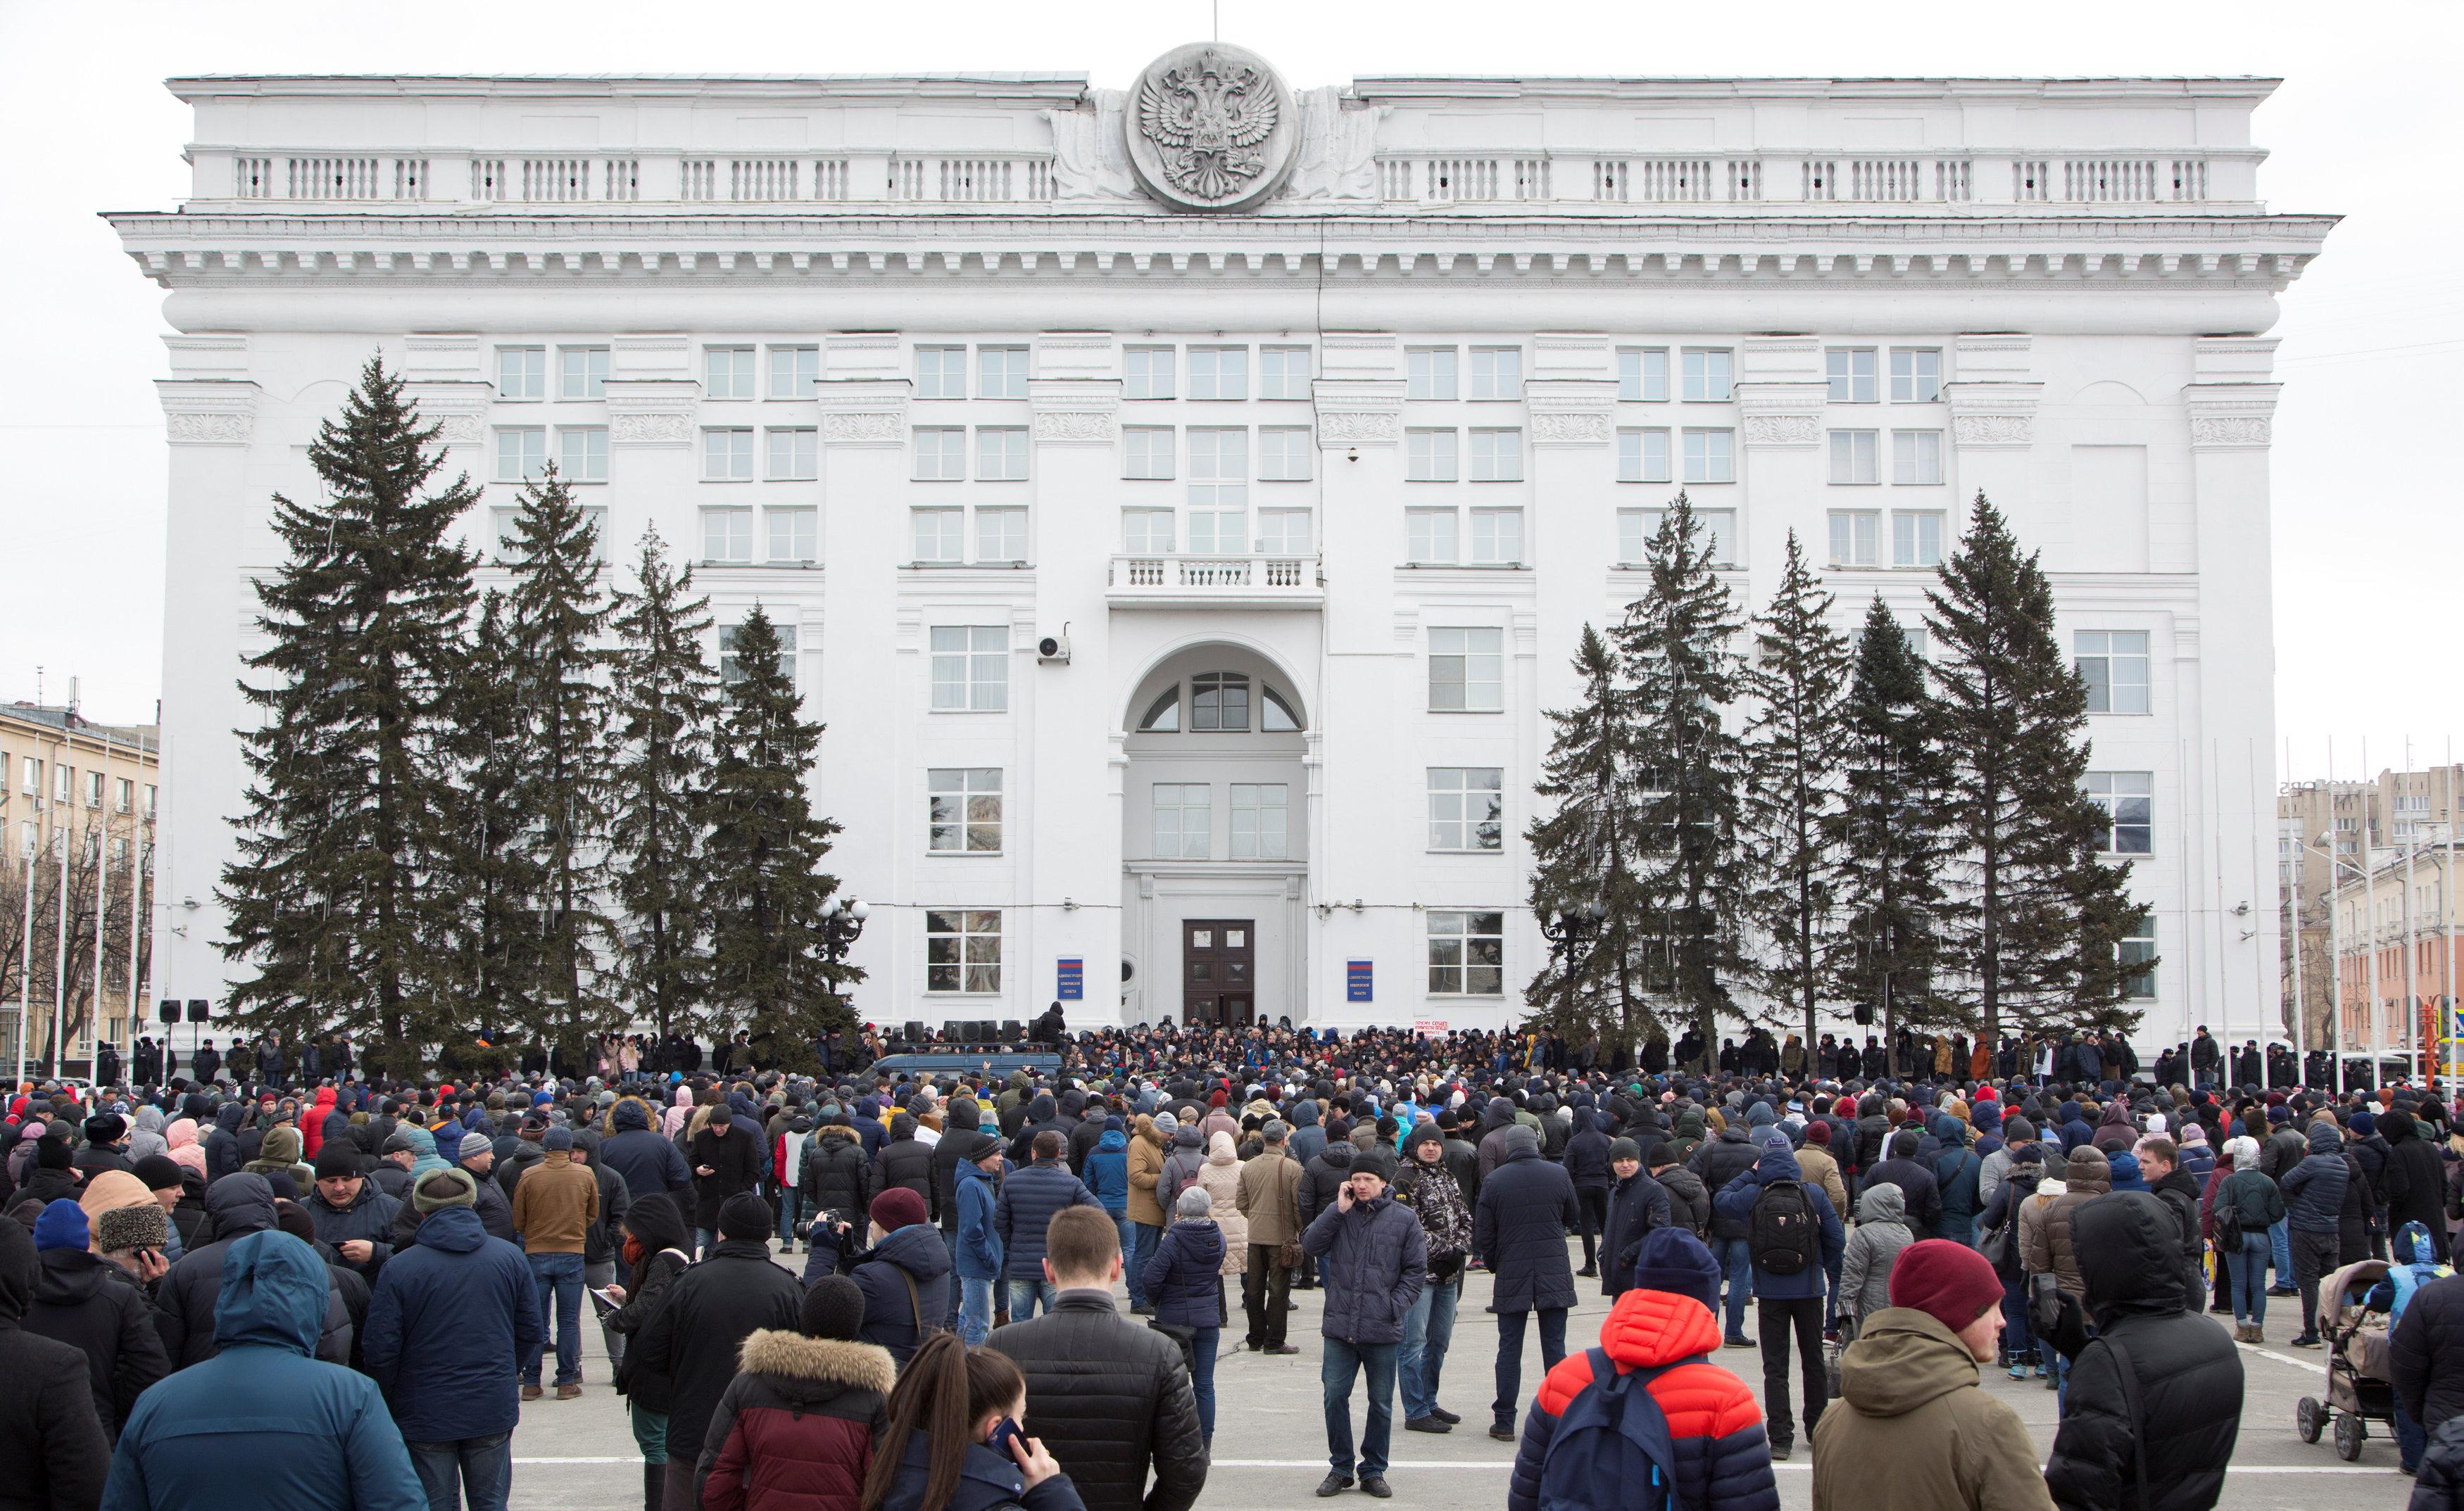 La plaza central deKemerovo, Rusia (REUTERS/Marina Lisova)